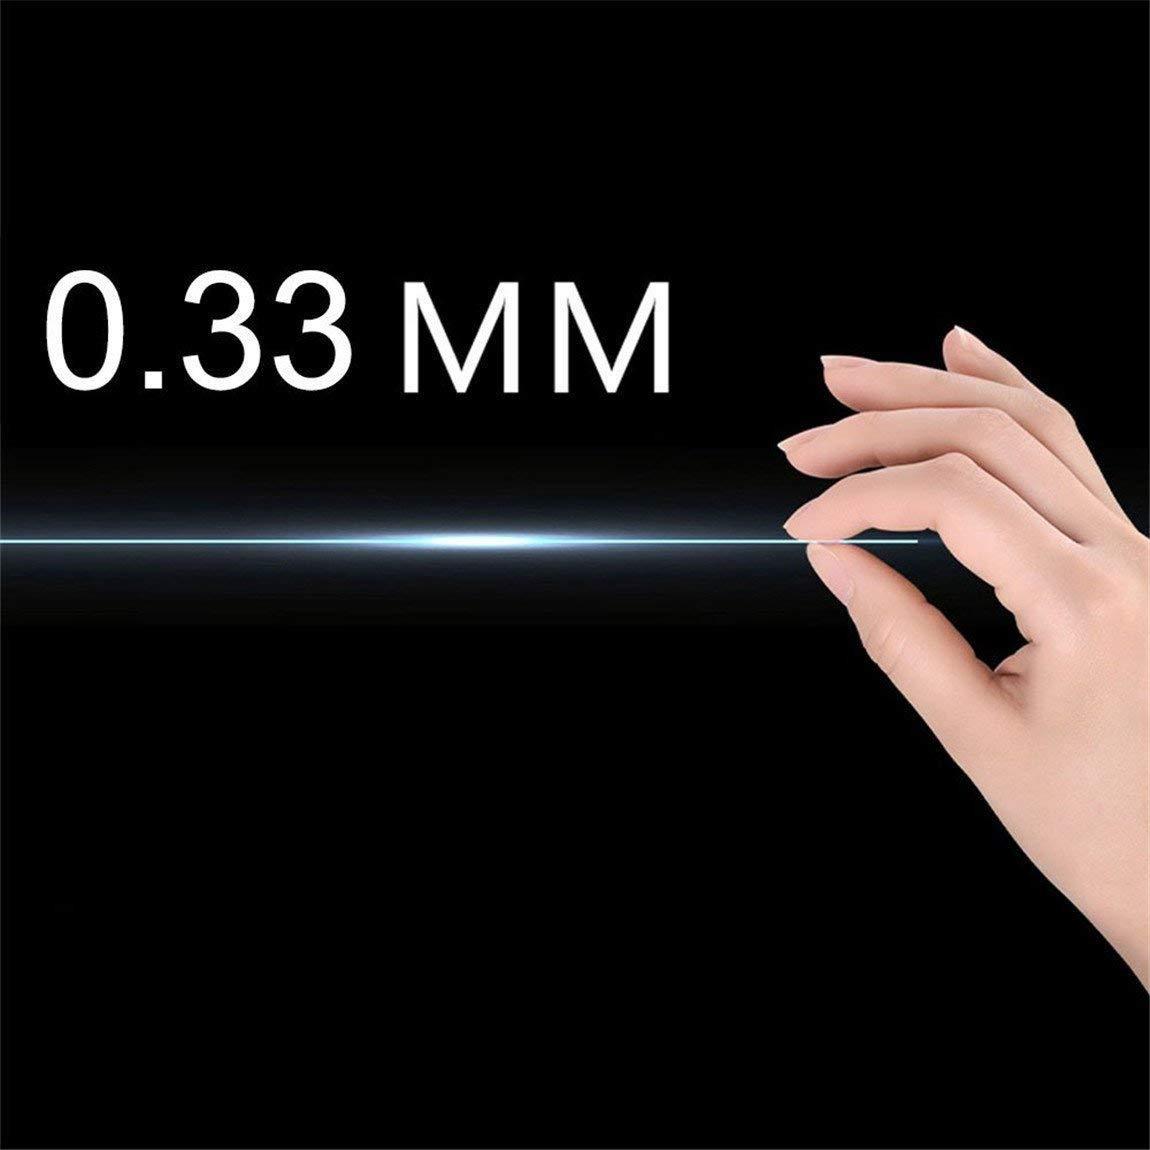 Fitur Tempered Glass Garmin Forerunner 935 Diameter Layar Jam Tangan 35 Putih Detail Gambar 40mm Terbaru